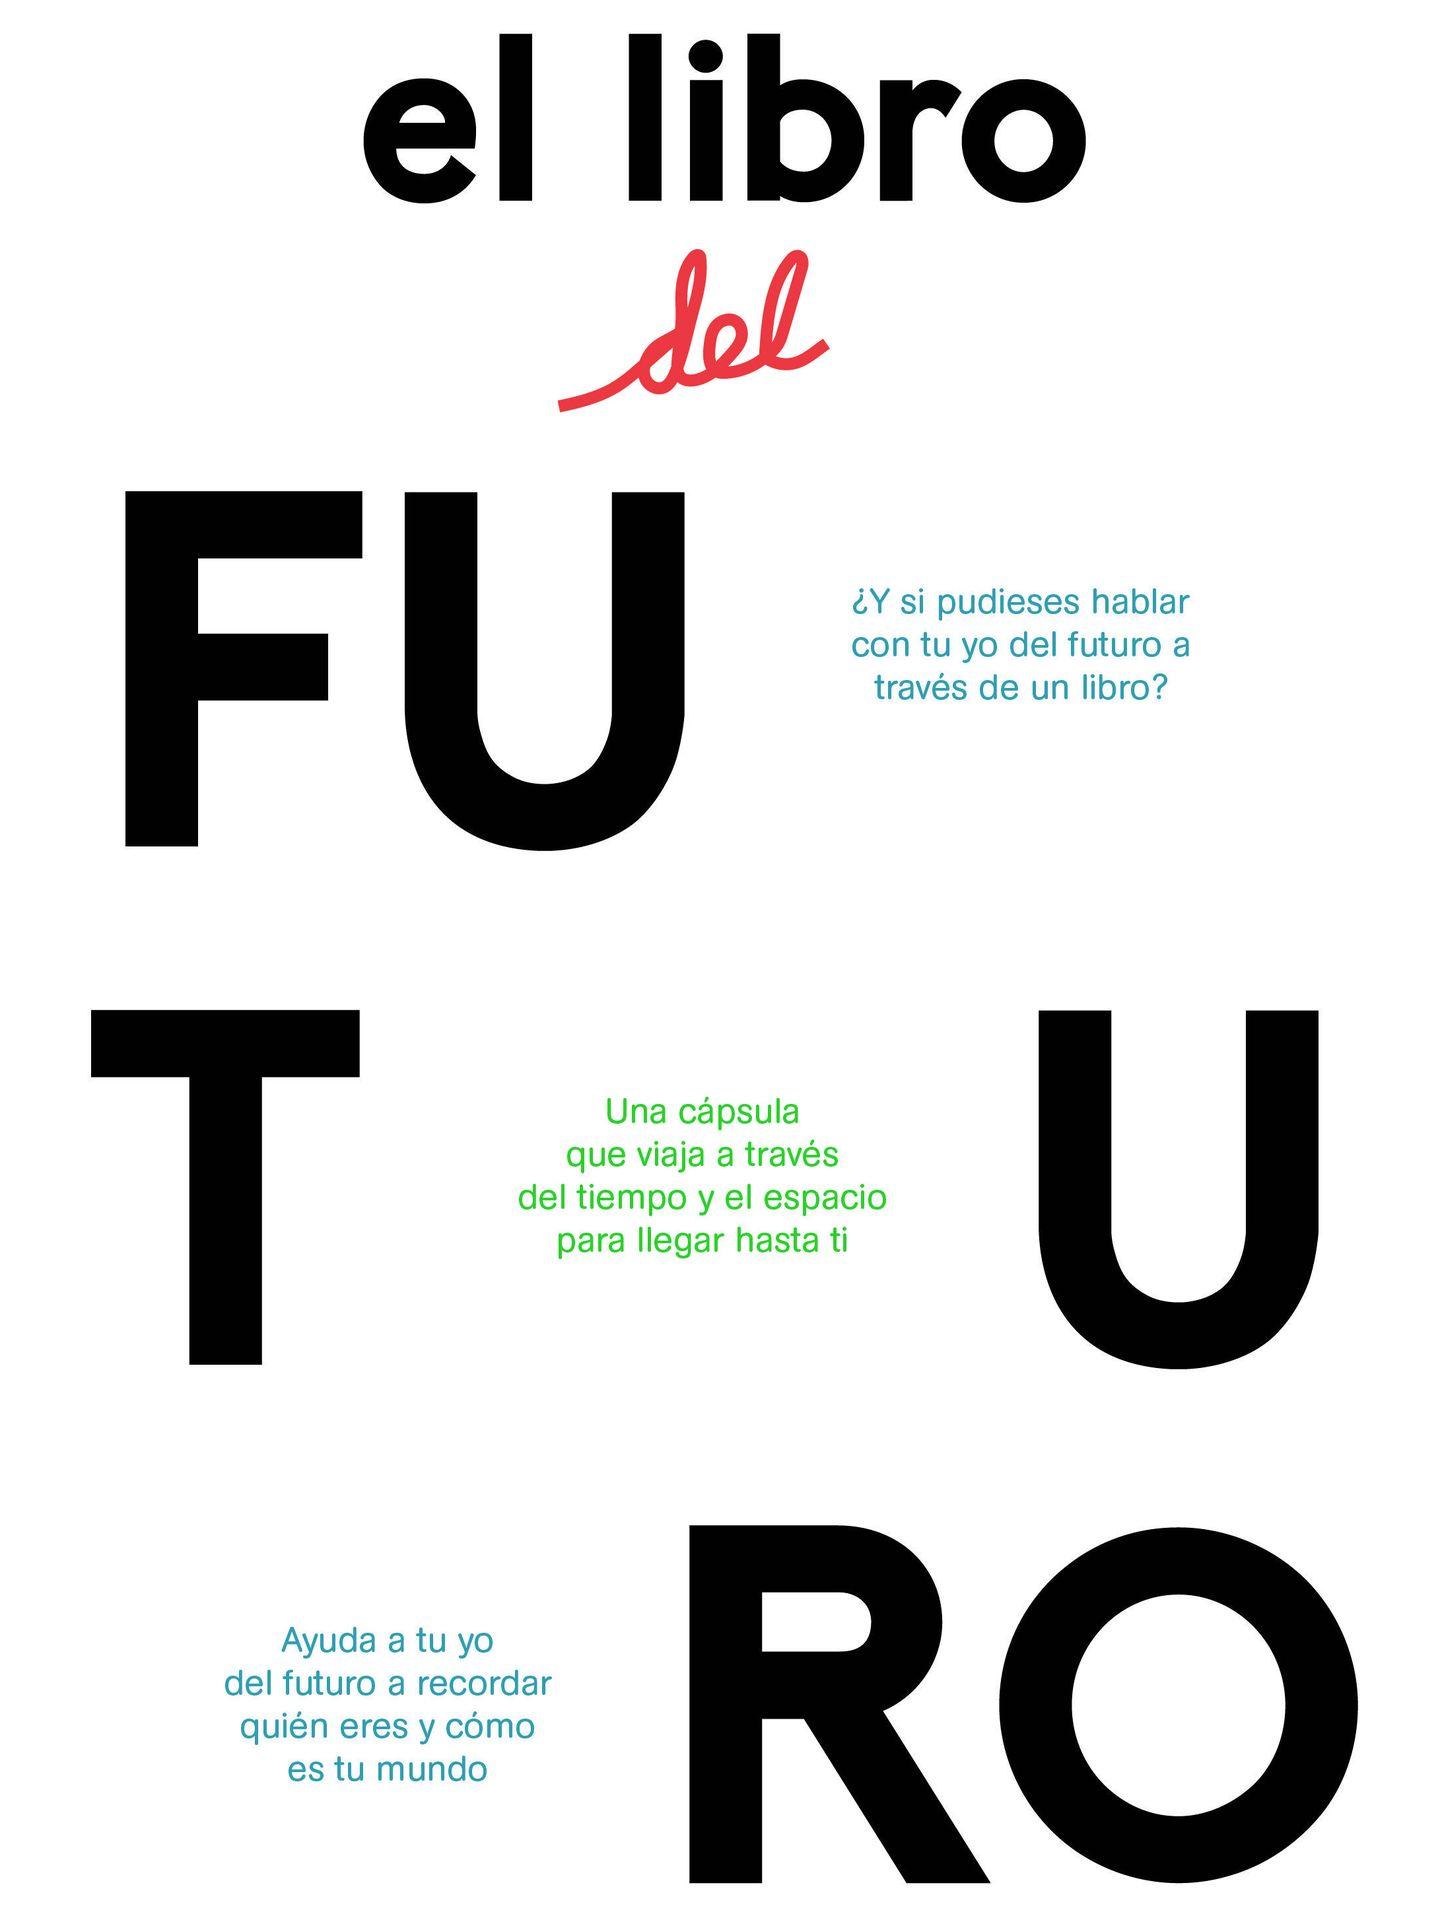 'El libro del futuro'